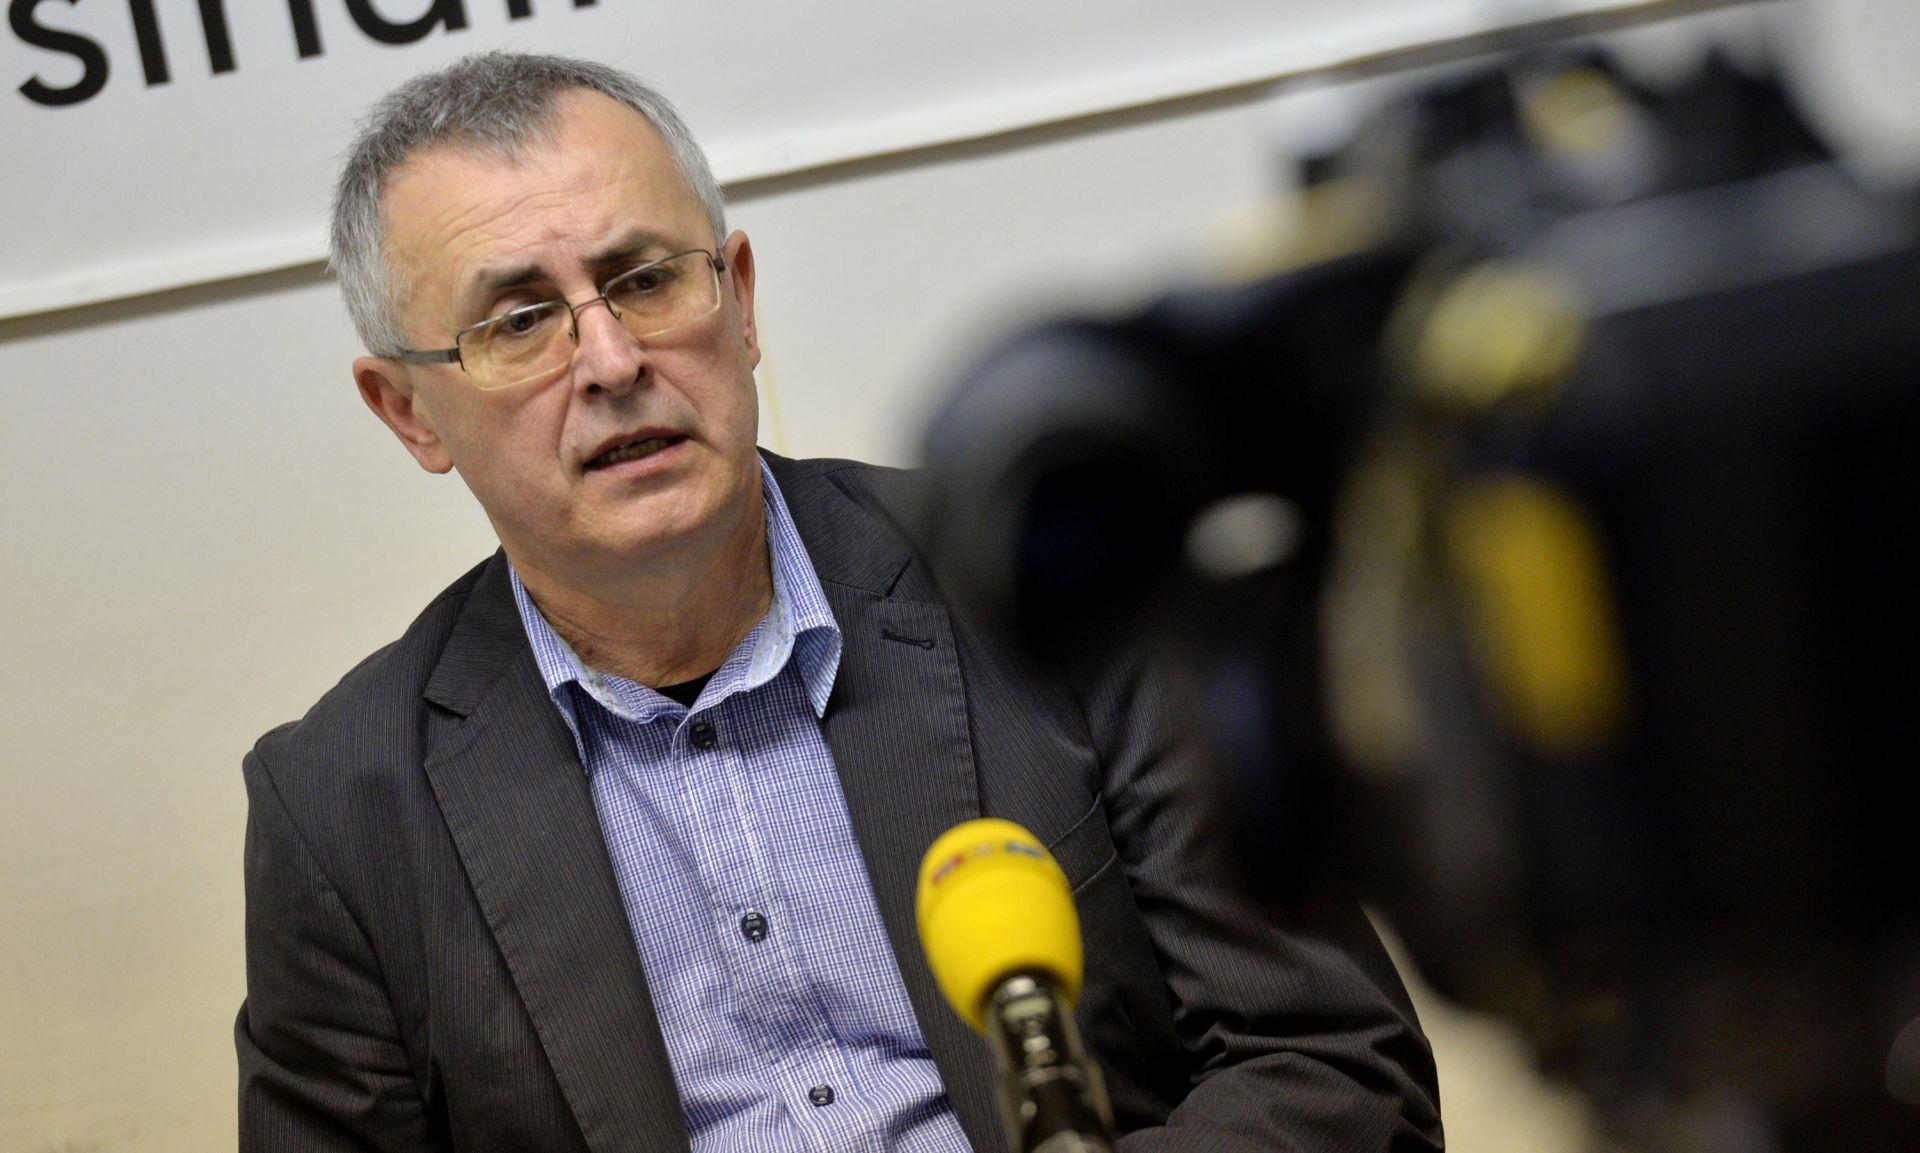 BEZAKONJE U ŠKOLAMA Stipić: 'Ministar Šustar može napraviti jako puno, vremena je sve manje'